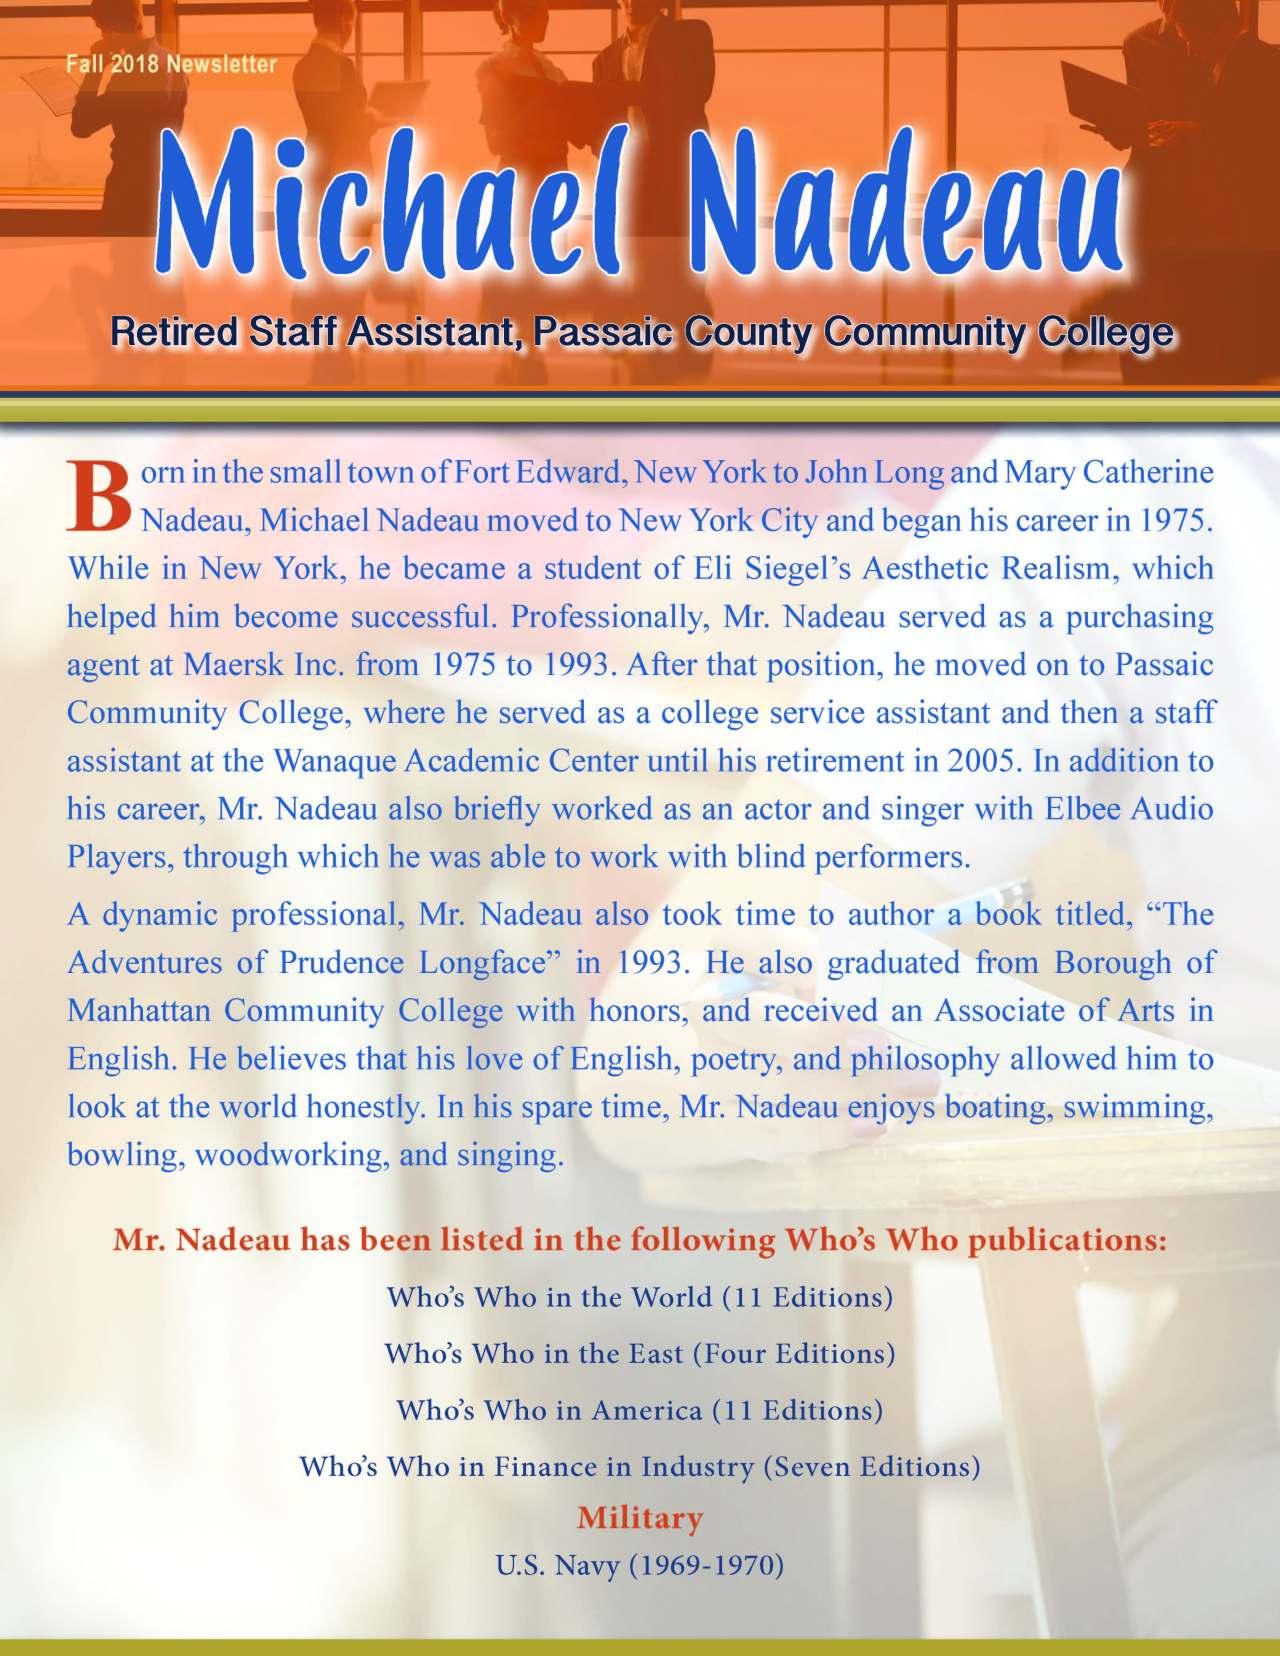 Nadeau, Michael 4051210_24055742 Newsletter.jpg